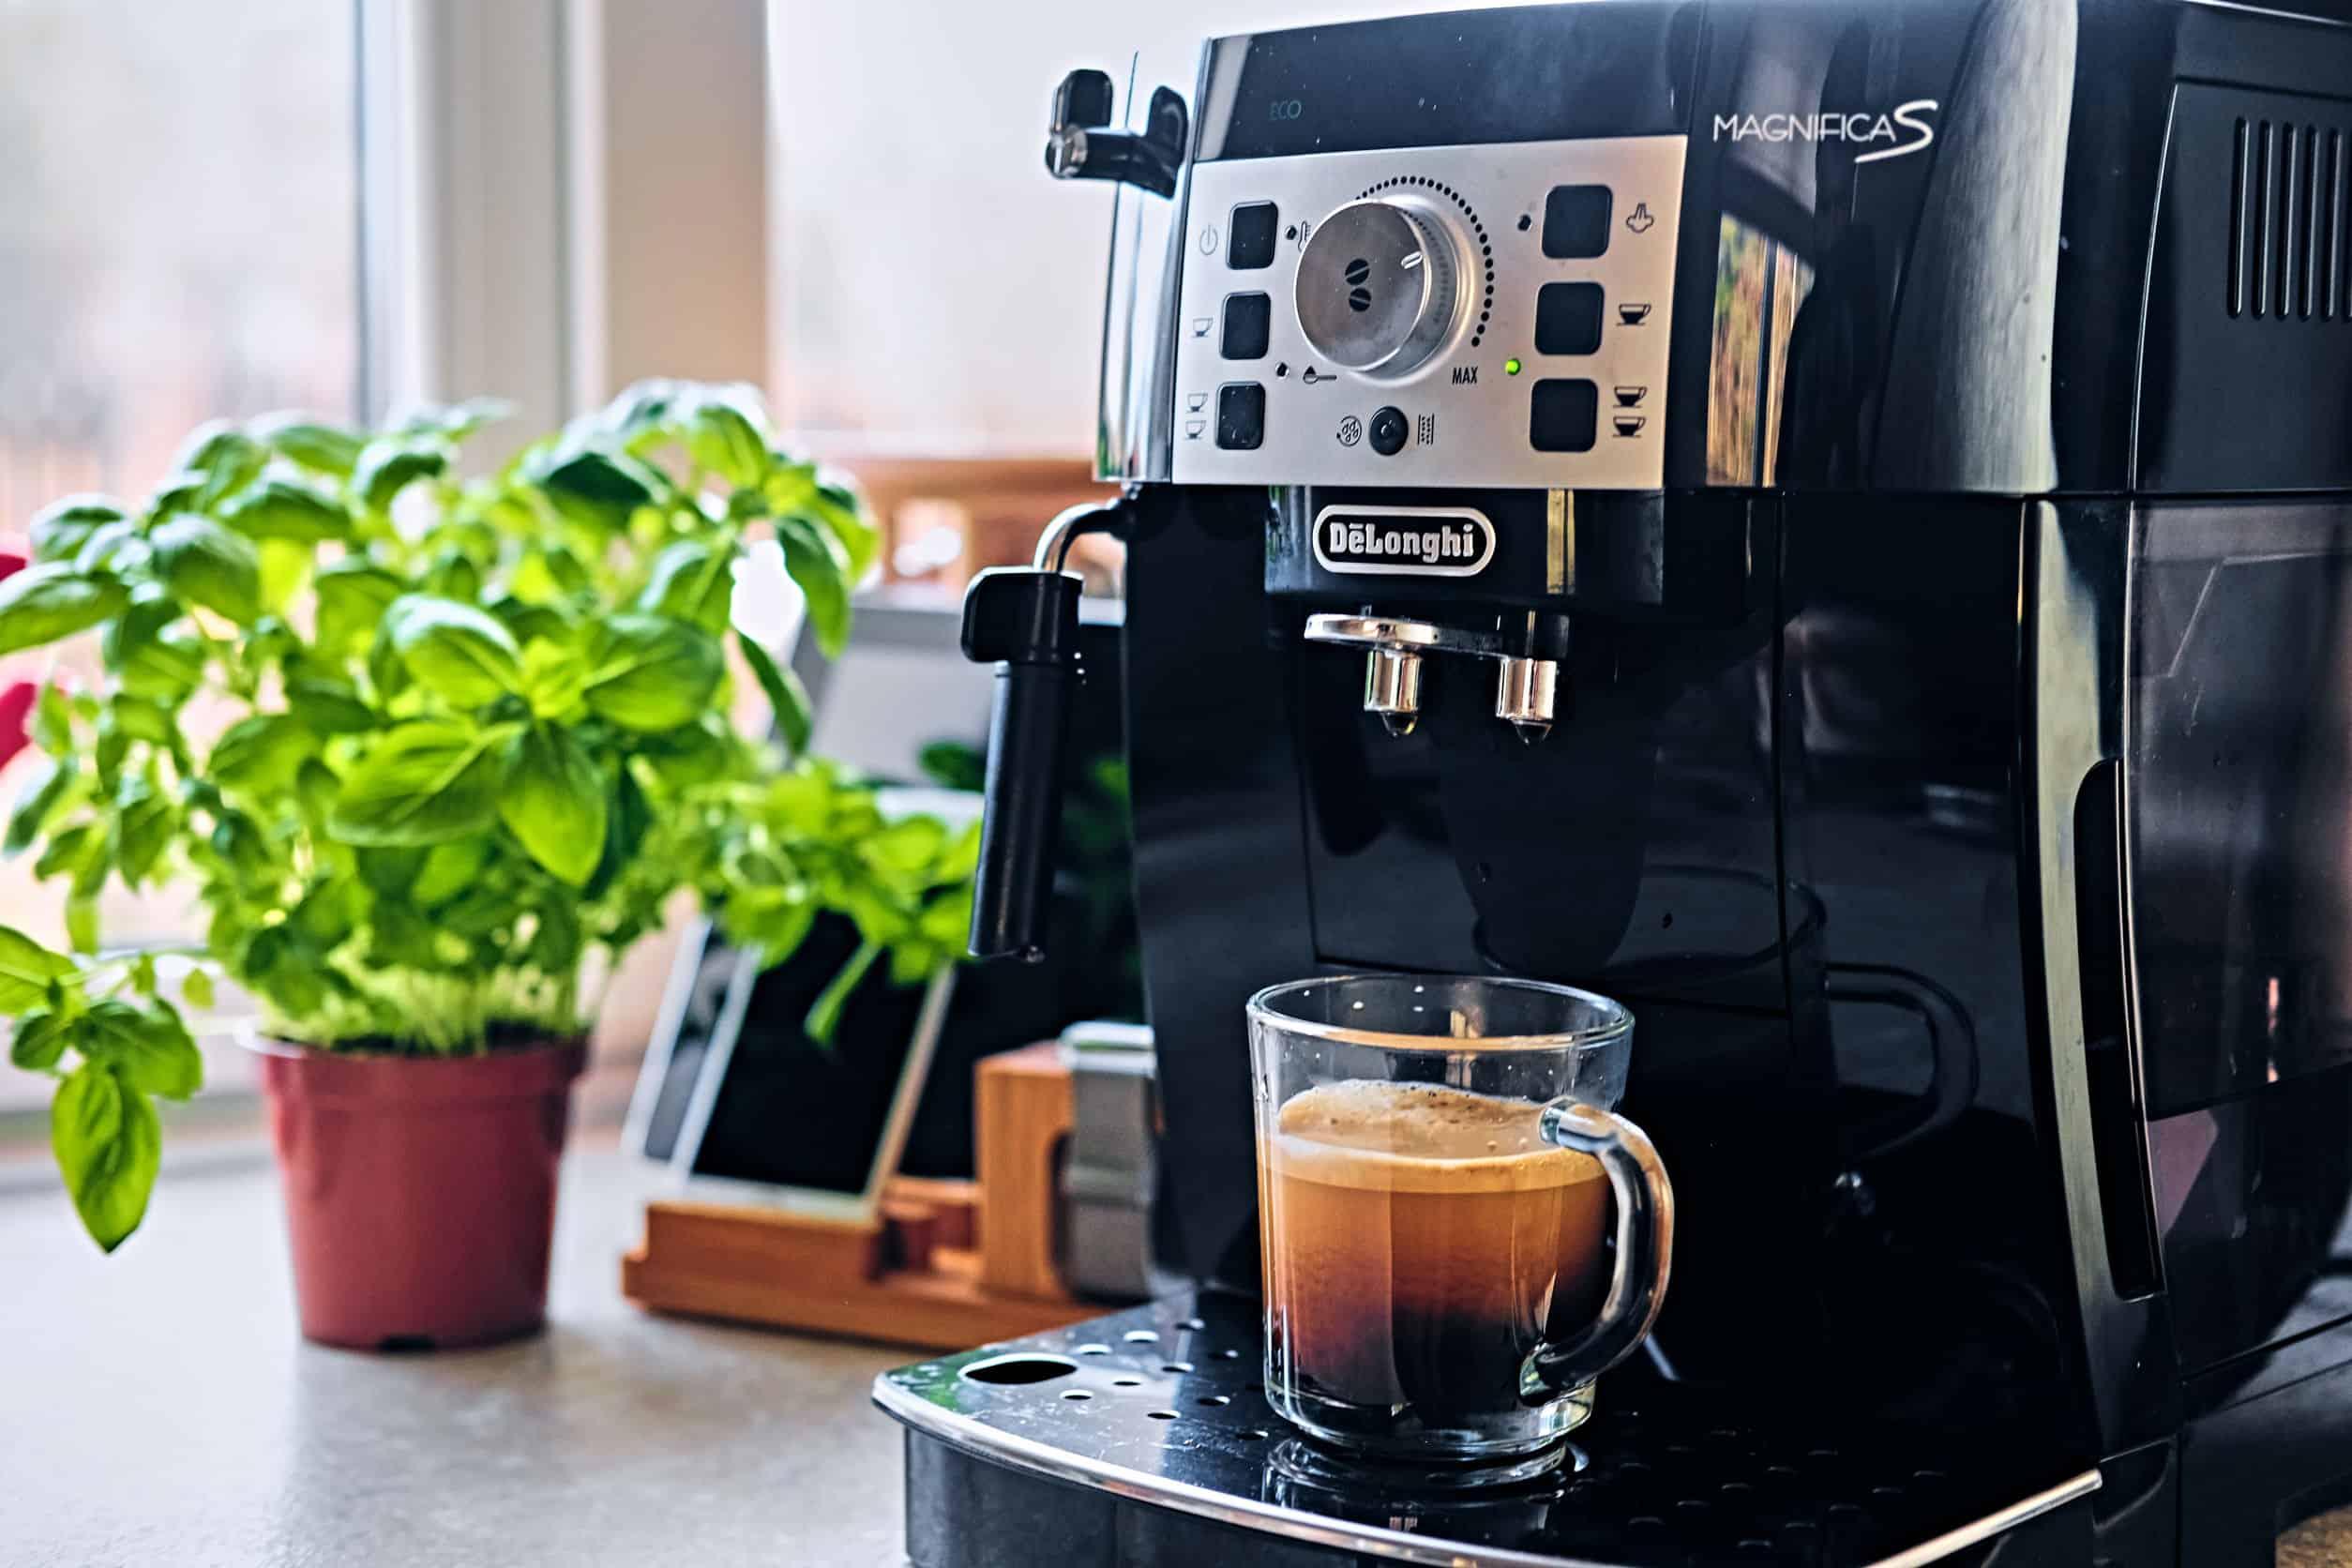 delonghi koffiezetapparaat op een tafel